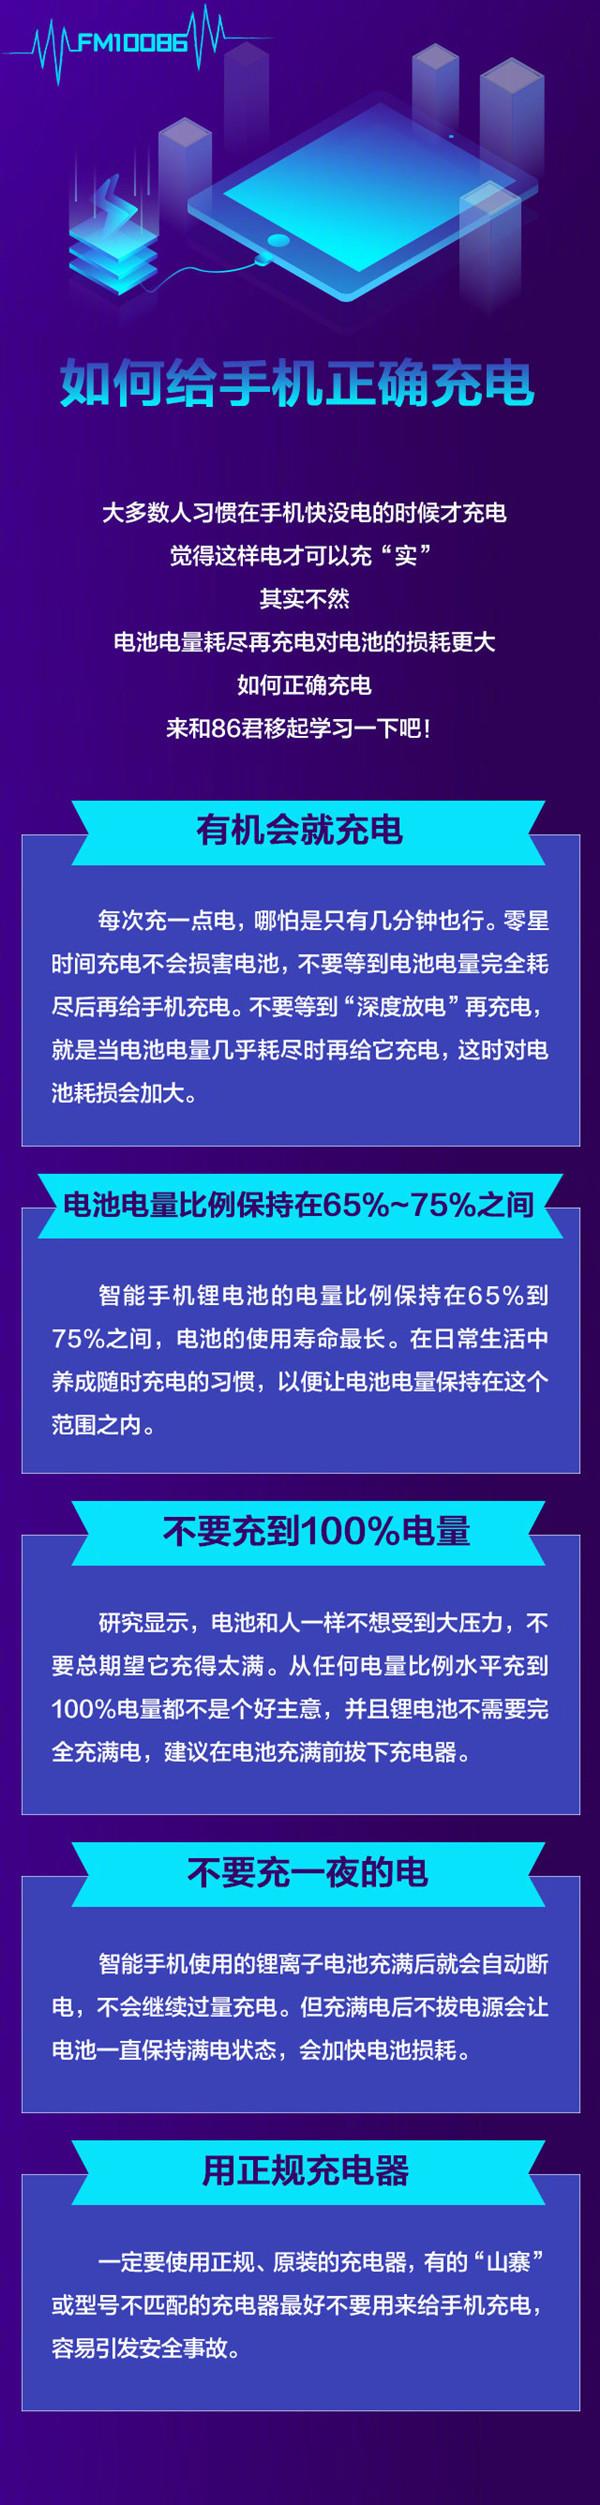 中国移动客服给你来科普:一图看懂手机怎么充电才正确-玩懂手机网 - 玩懂手机第一手的手机资讯网(www.wdshouji.com)